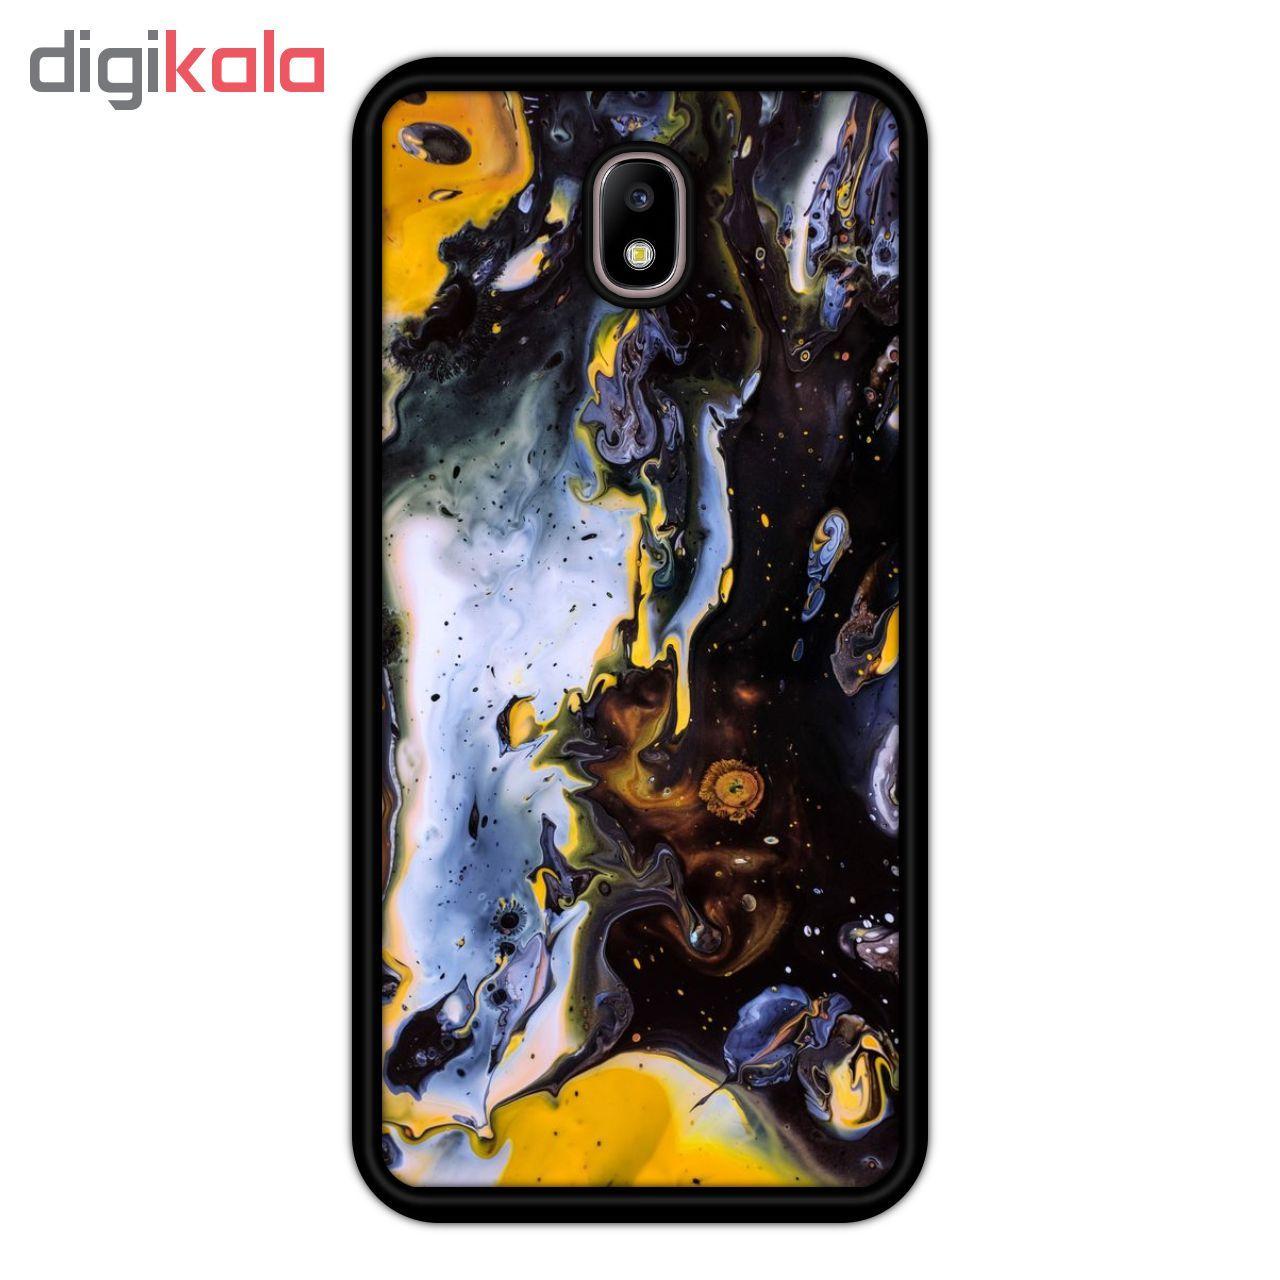 کاور آکام مدل AJsevPro1517 مناسب برای گوشی موبایل سامسونگ Galaxy J7 Pro main 1 1